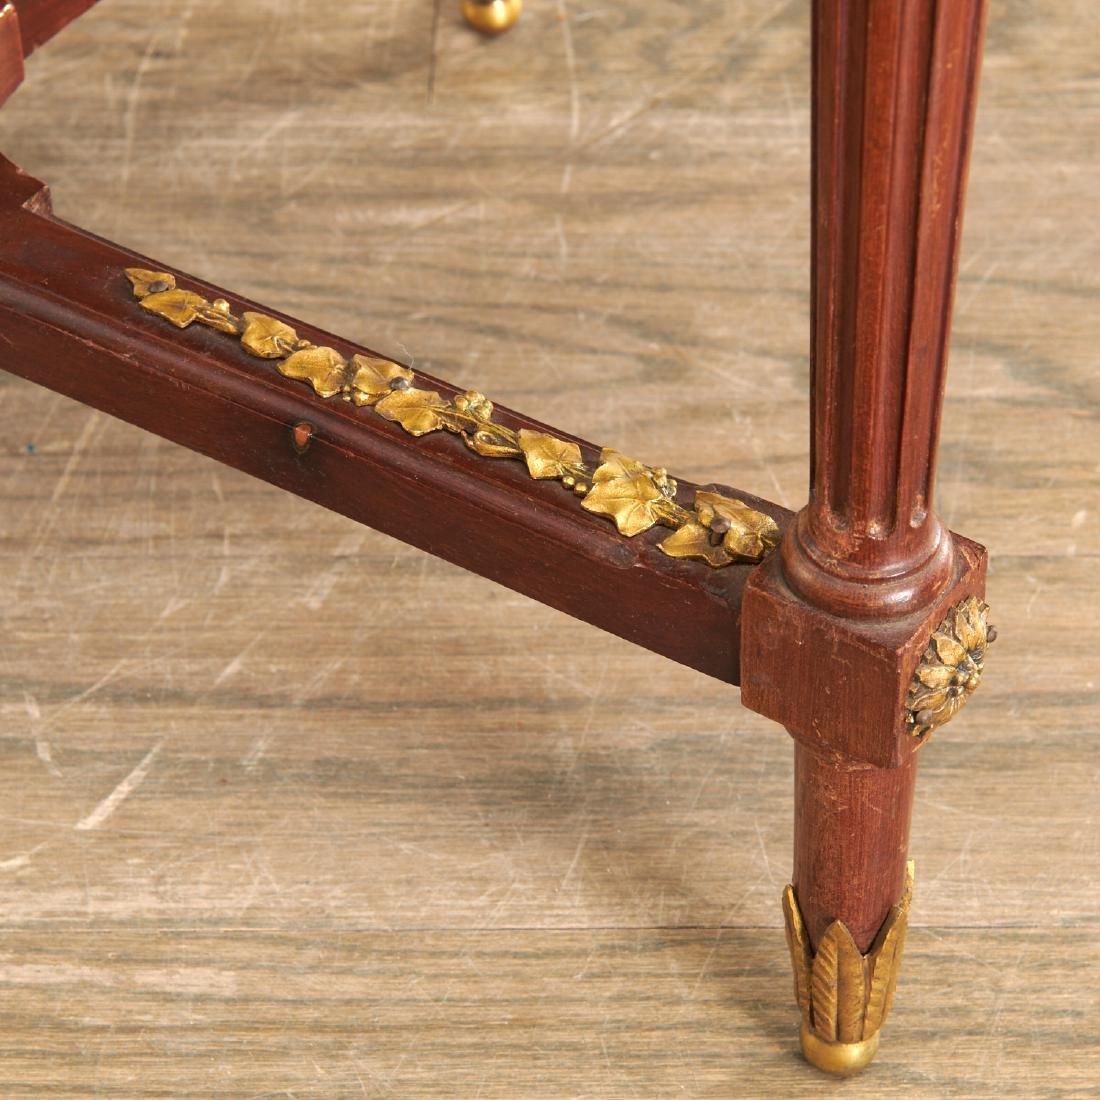 Louis XVI style mahogany marble top gueridon - 5